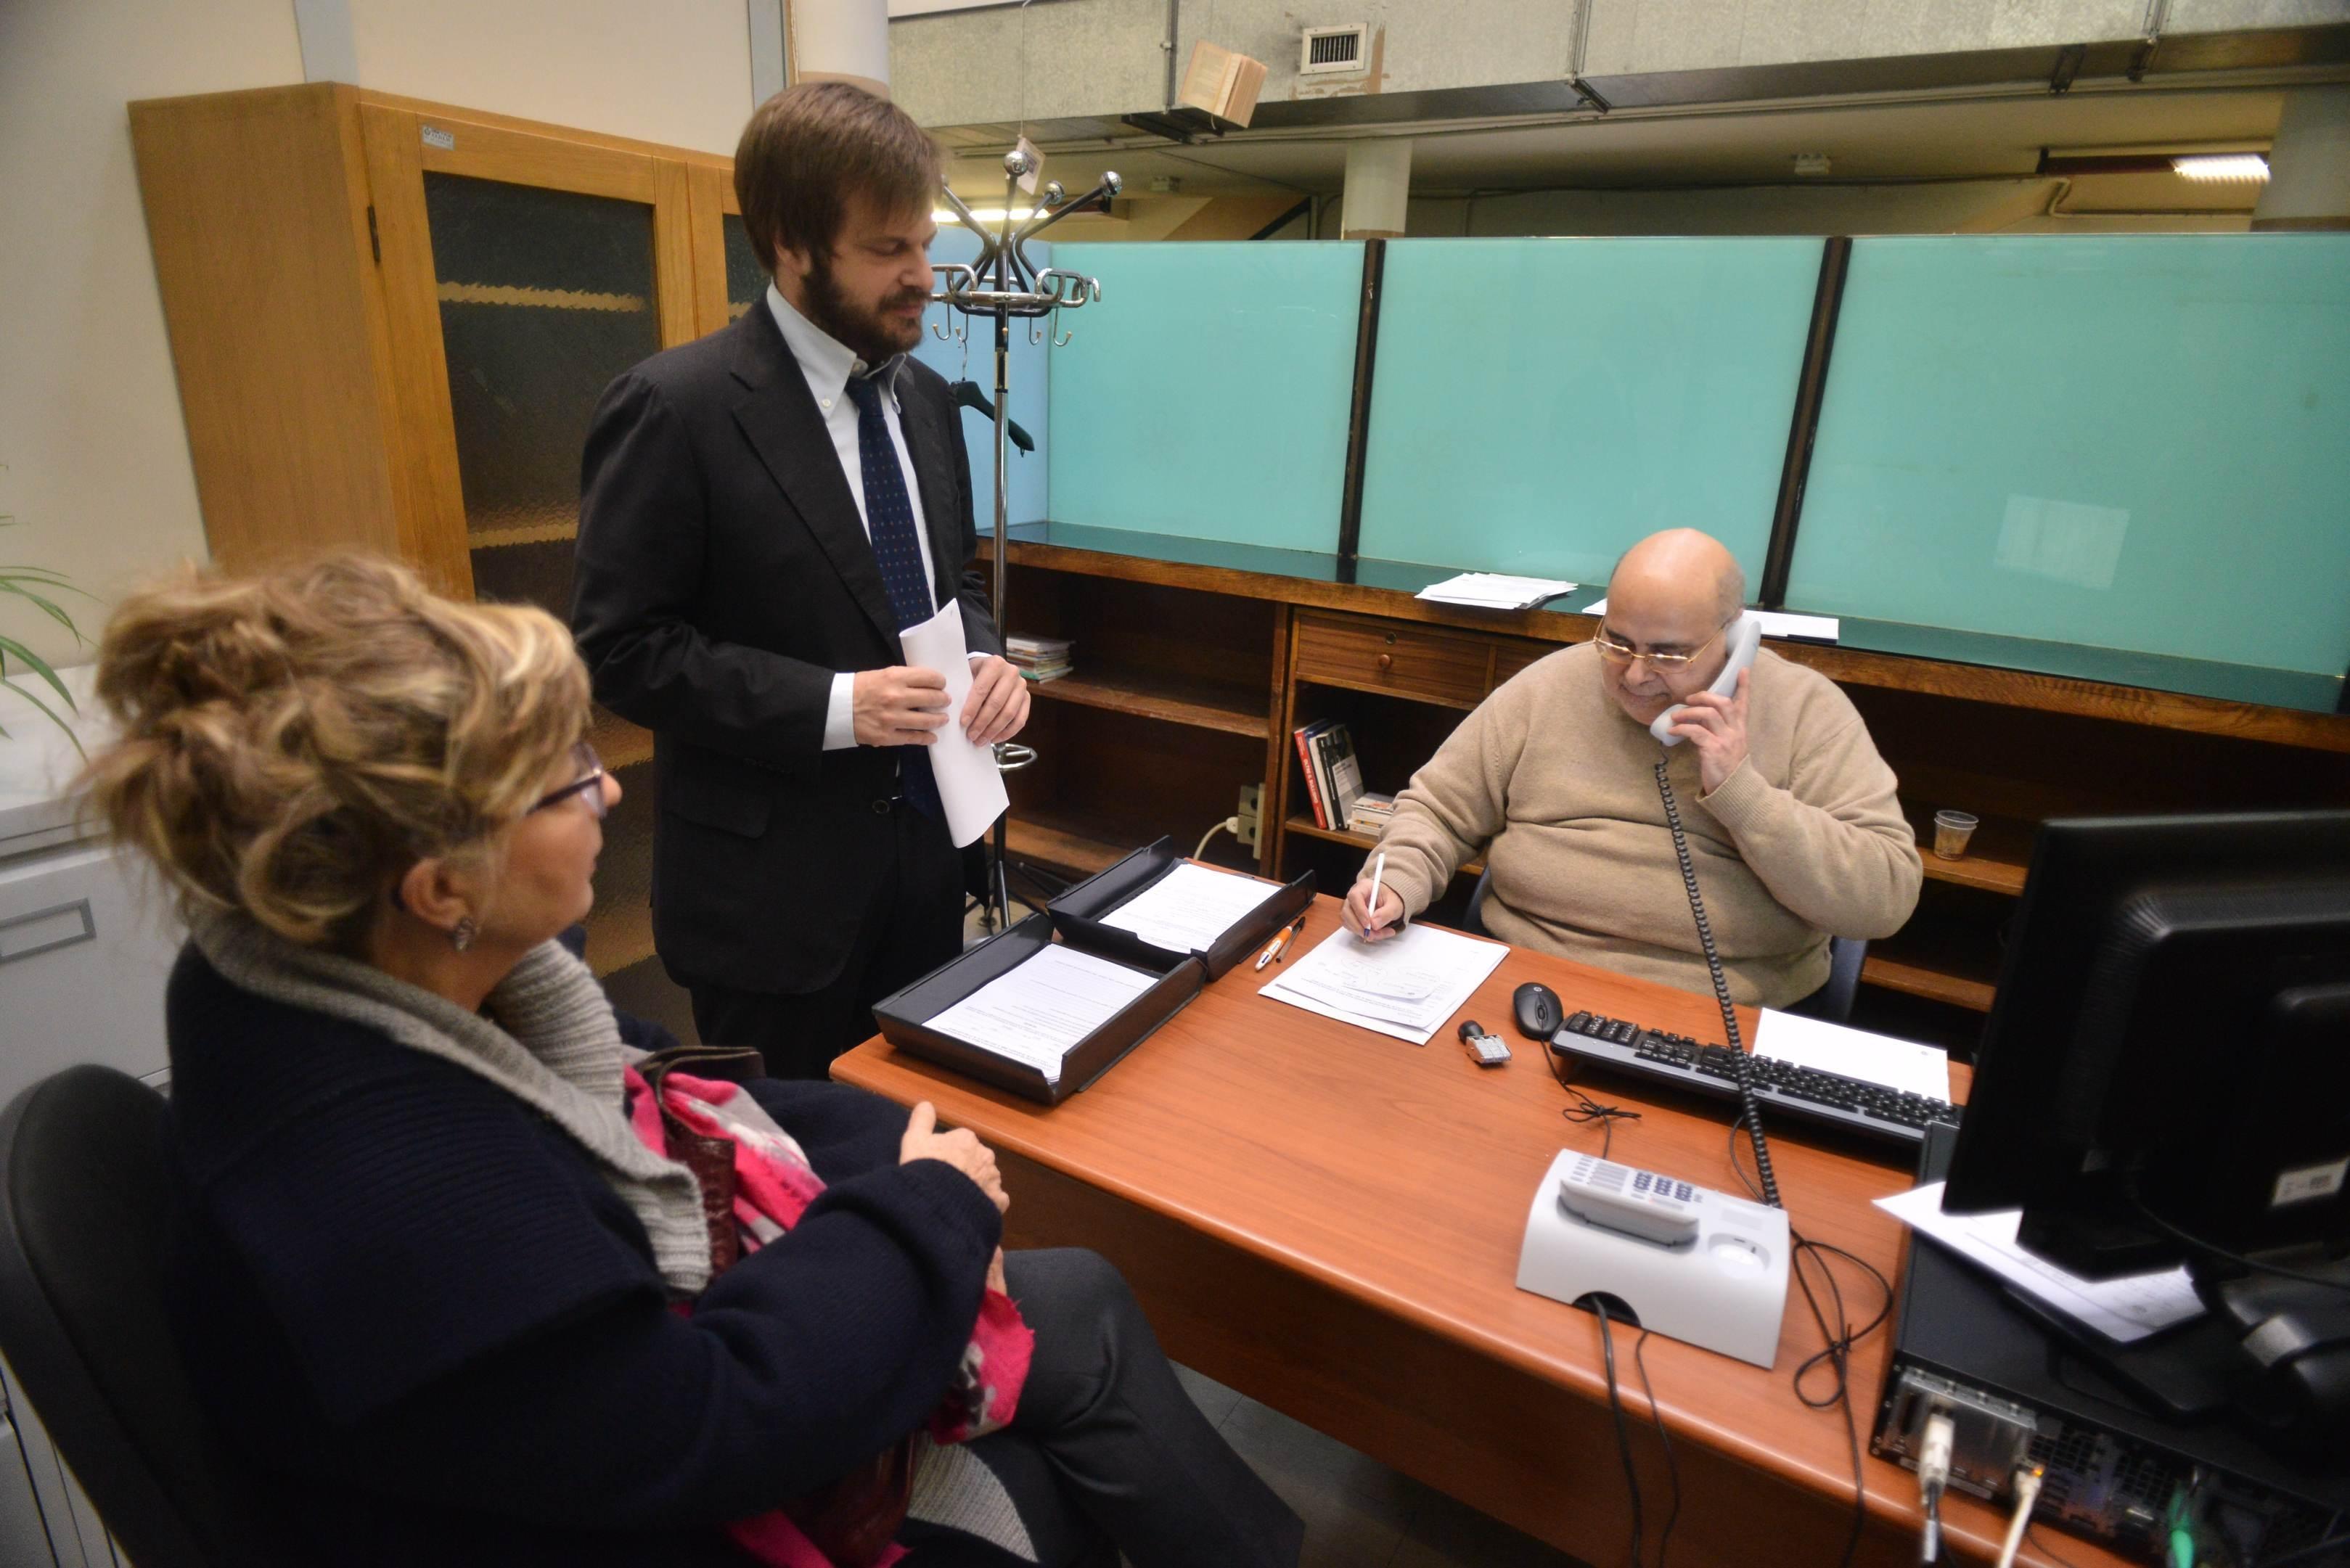 Commento personale sullo scambio epistolare tra Disabili allo Scoperto e l'assessore Majorino